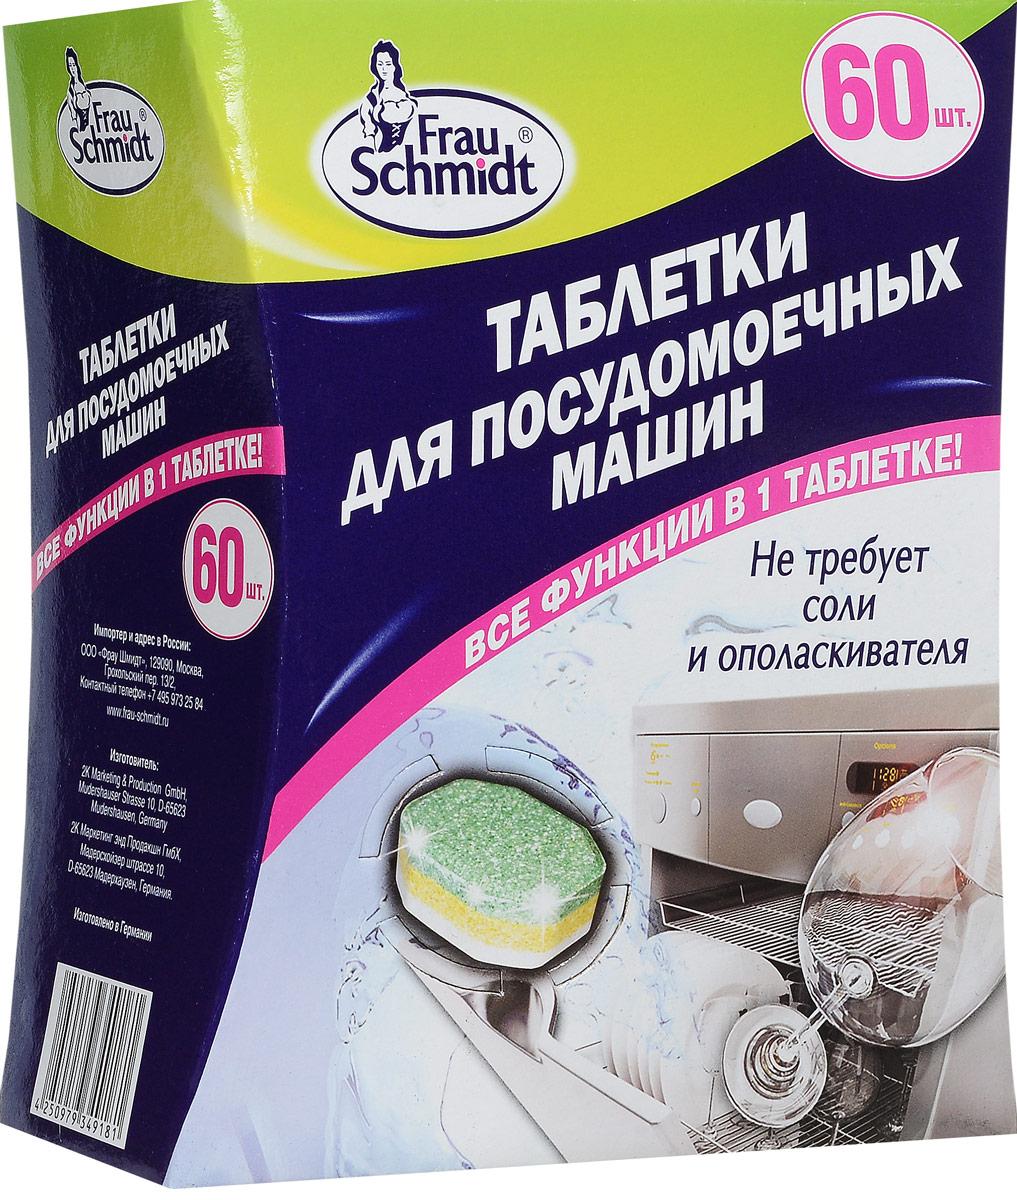 Таблетки для посудомоечной машины Frau Schmidt Все в одном, 60 шт4918000Таблетки для посудомоечной машины Frau Schmidt Все в одном эффективно удаляют жир и нейтрализуют запах. Таблетки защищают посудомоечную машину от известковых отложений и эффективны при низких температурах. Средство не оставляет пятен и разводов, удаляет пятна от чая и кофе. Обеспечивает защиту и блеск стекла, серебра и нержавеющей стали. Таблетки не требуют добавления соли и ополаскивателя. Состав: фосфаты, кислородосодержащие отбеливающие вещества, неионные ПАВы, поликарбоксилаты, фосфонаты, энзимы, отдушка. Товар сертифицирован. Как выбрать качественную бытовую химию, безопасную для природы и людей. Статья OZON Гид